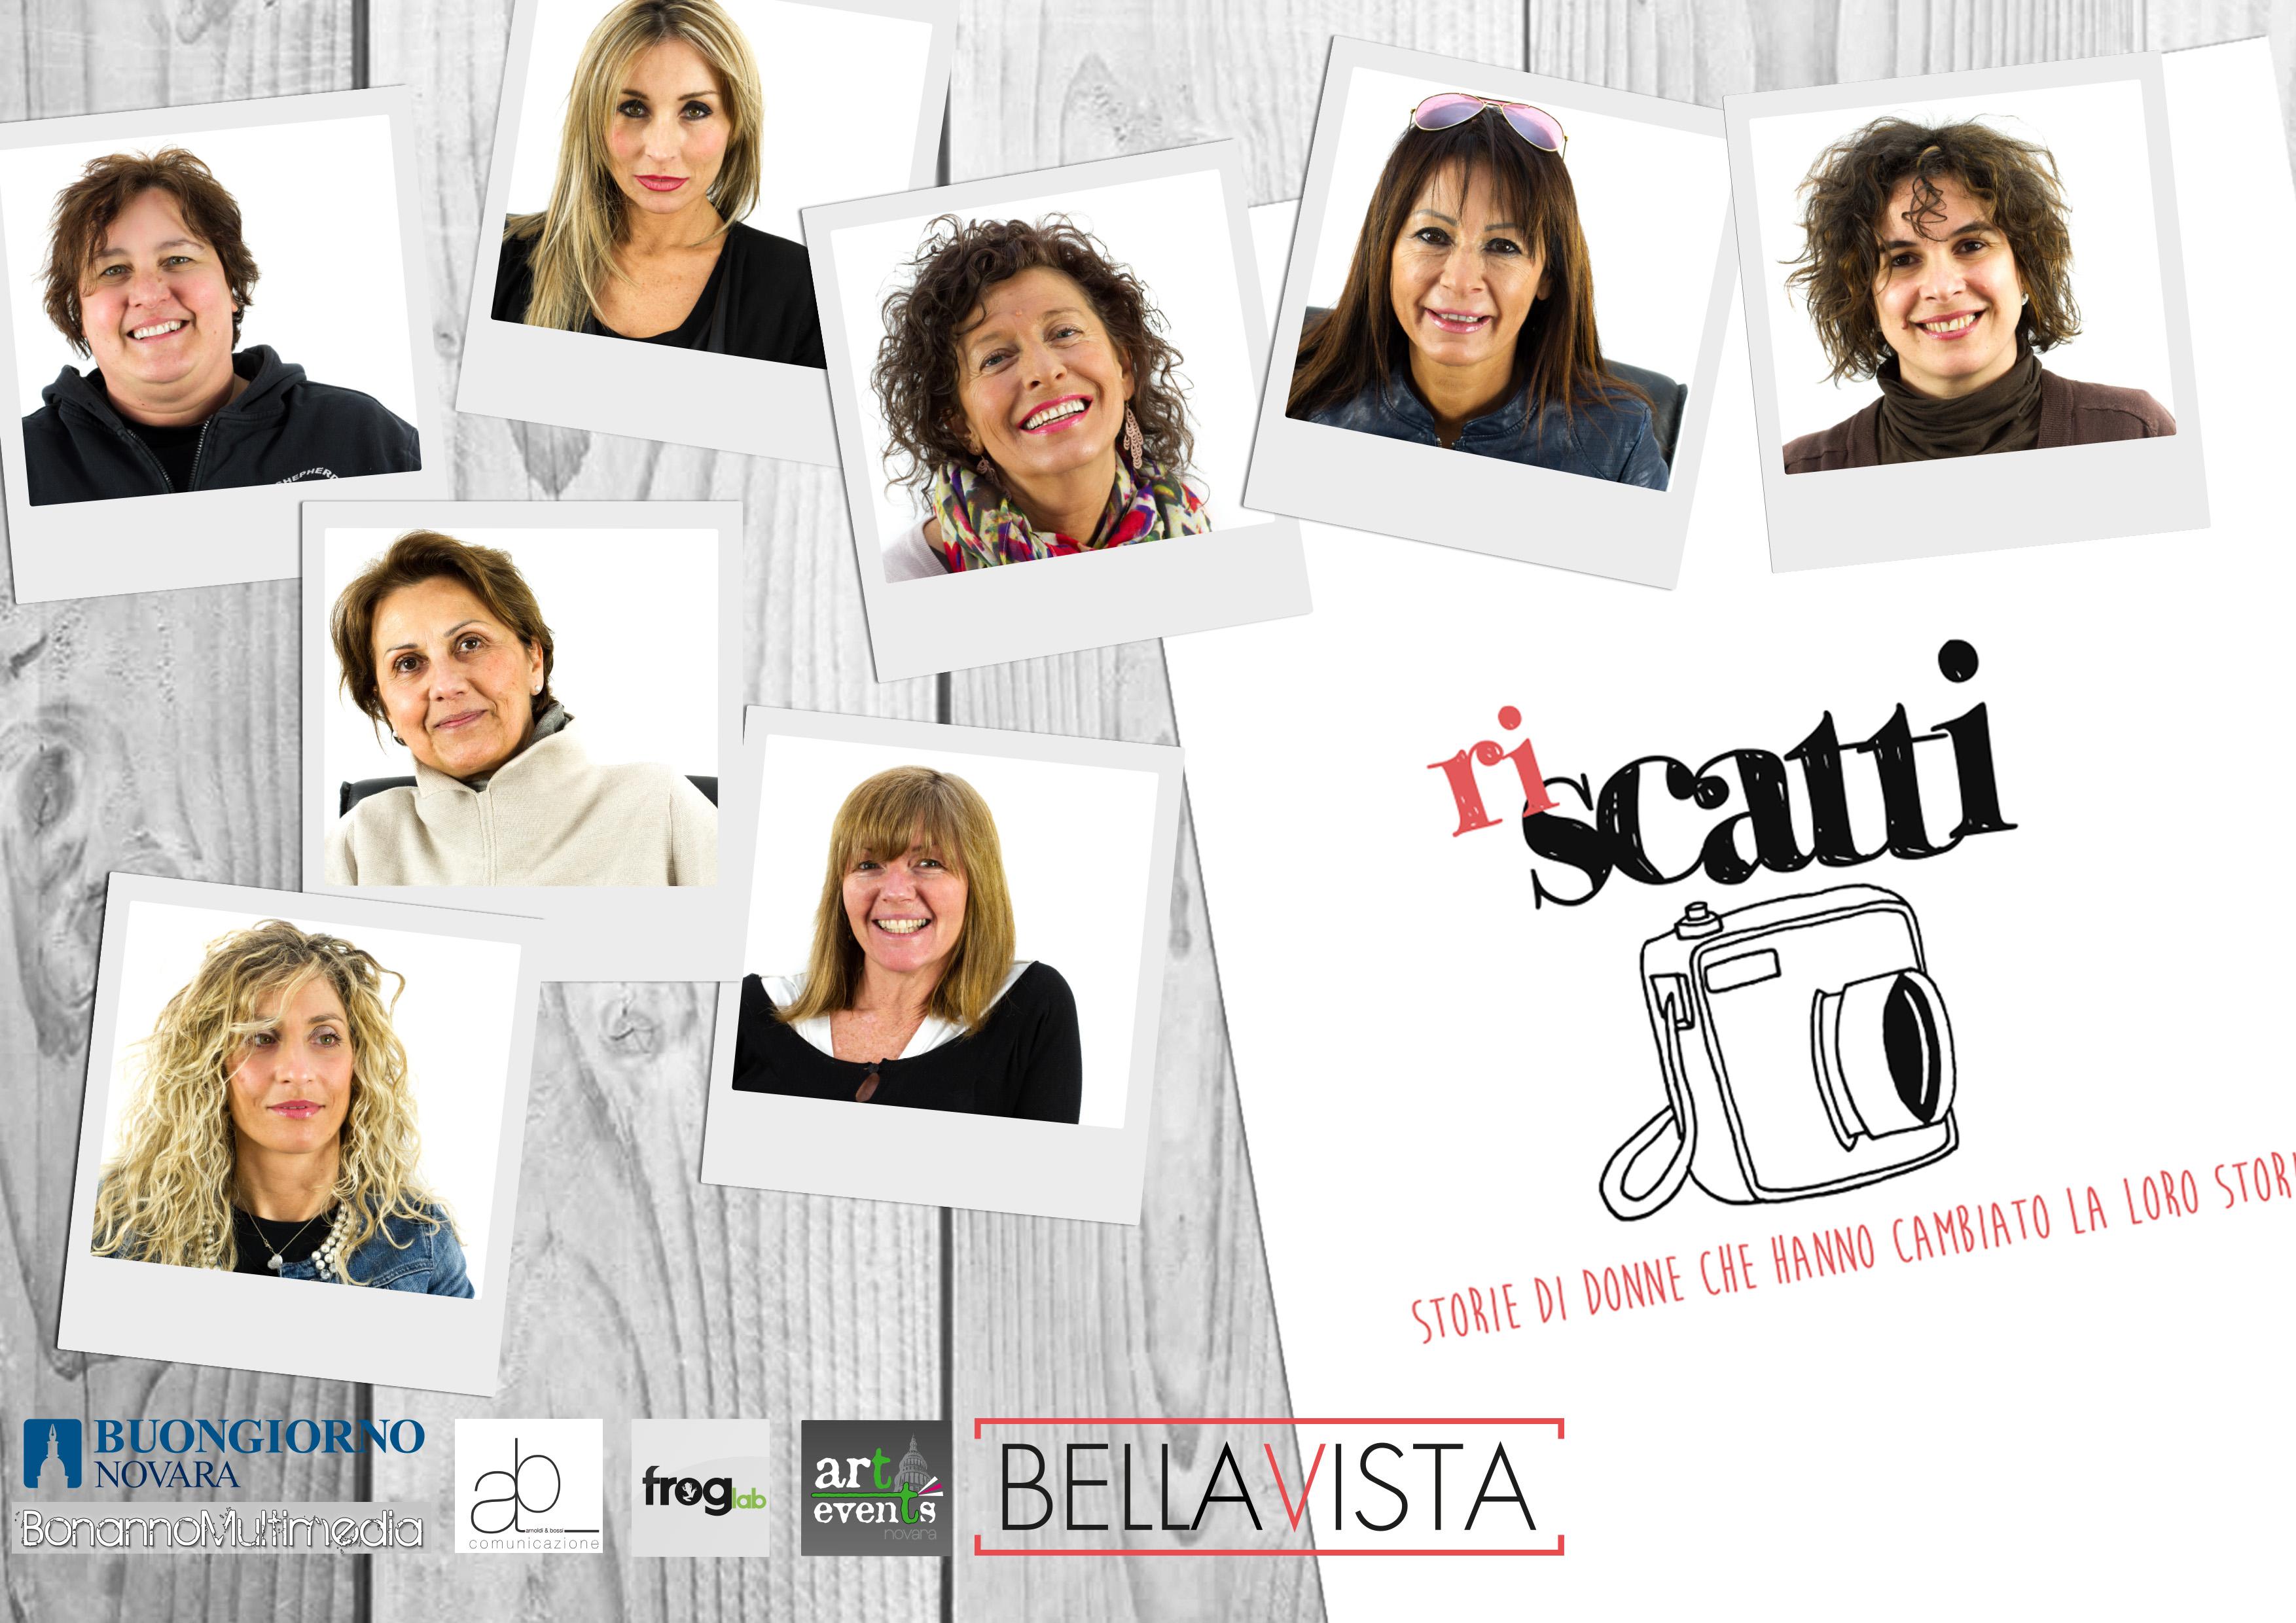 #Ri-Scatti: storie di donne che hanno cambiato la loro storia. Per l'8 marzo un evento da condividere